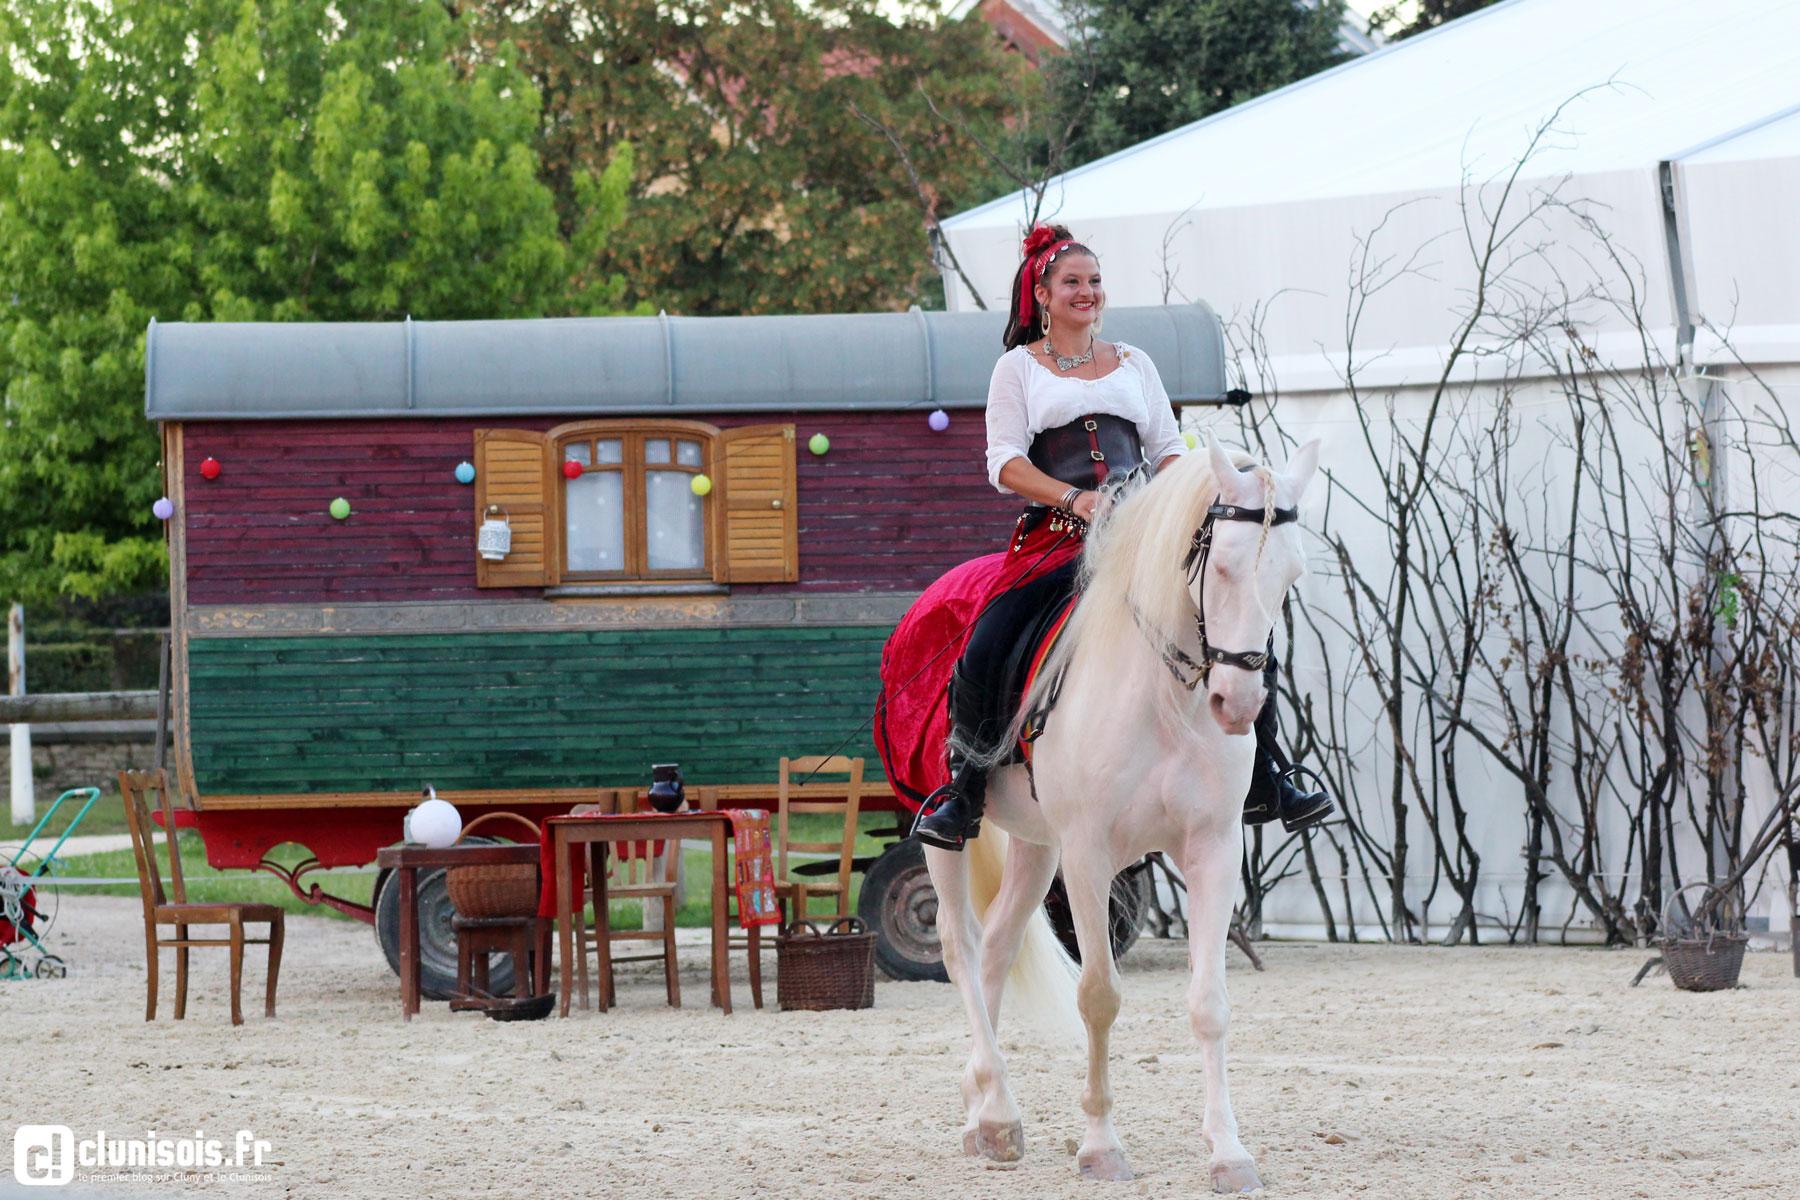 cabaret-equestre-haras-cluny-ete-2016-04